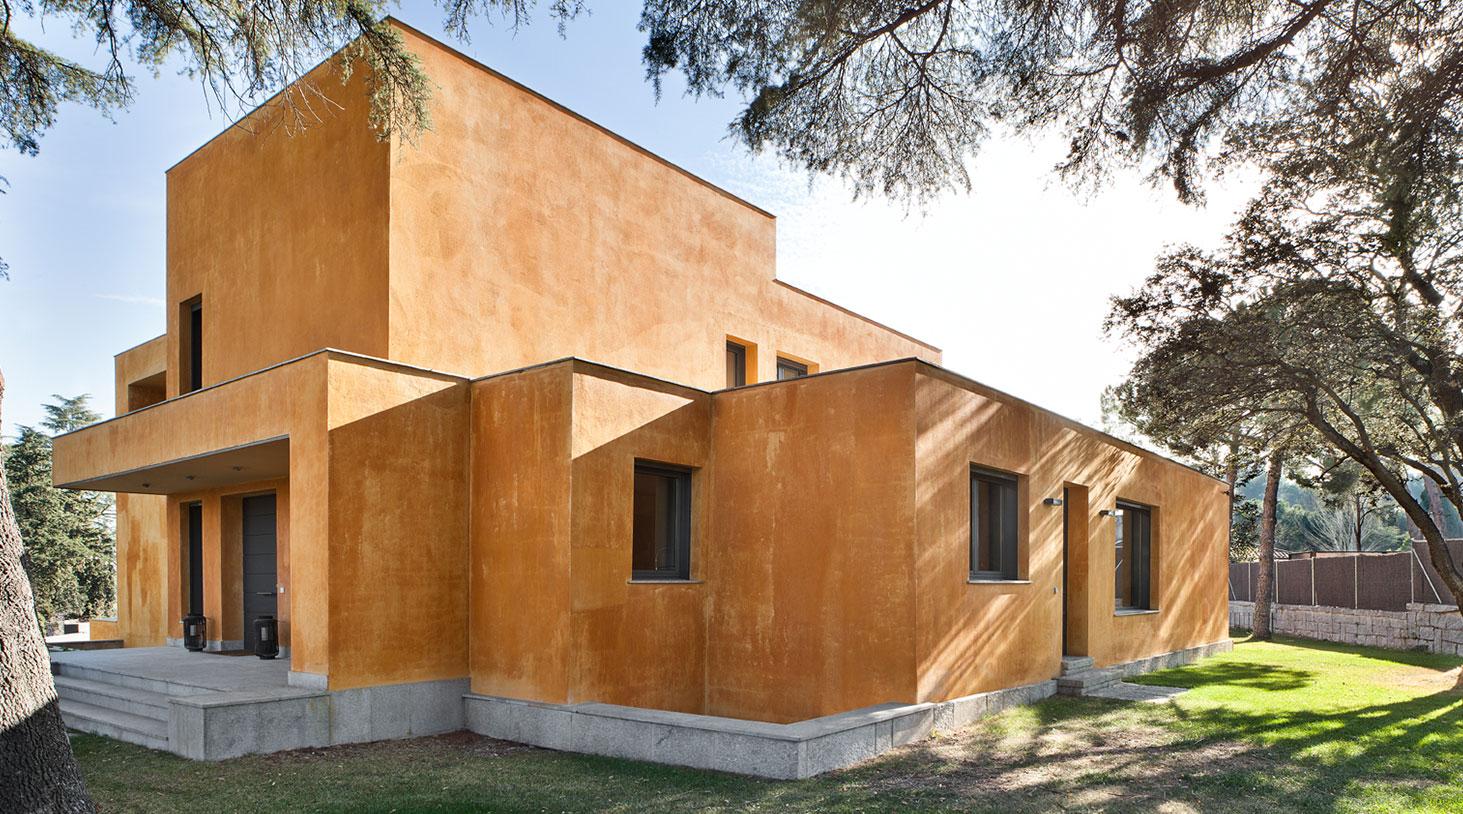 Gaztelu Arquitectos